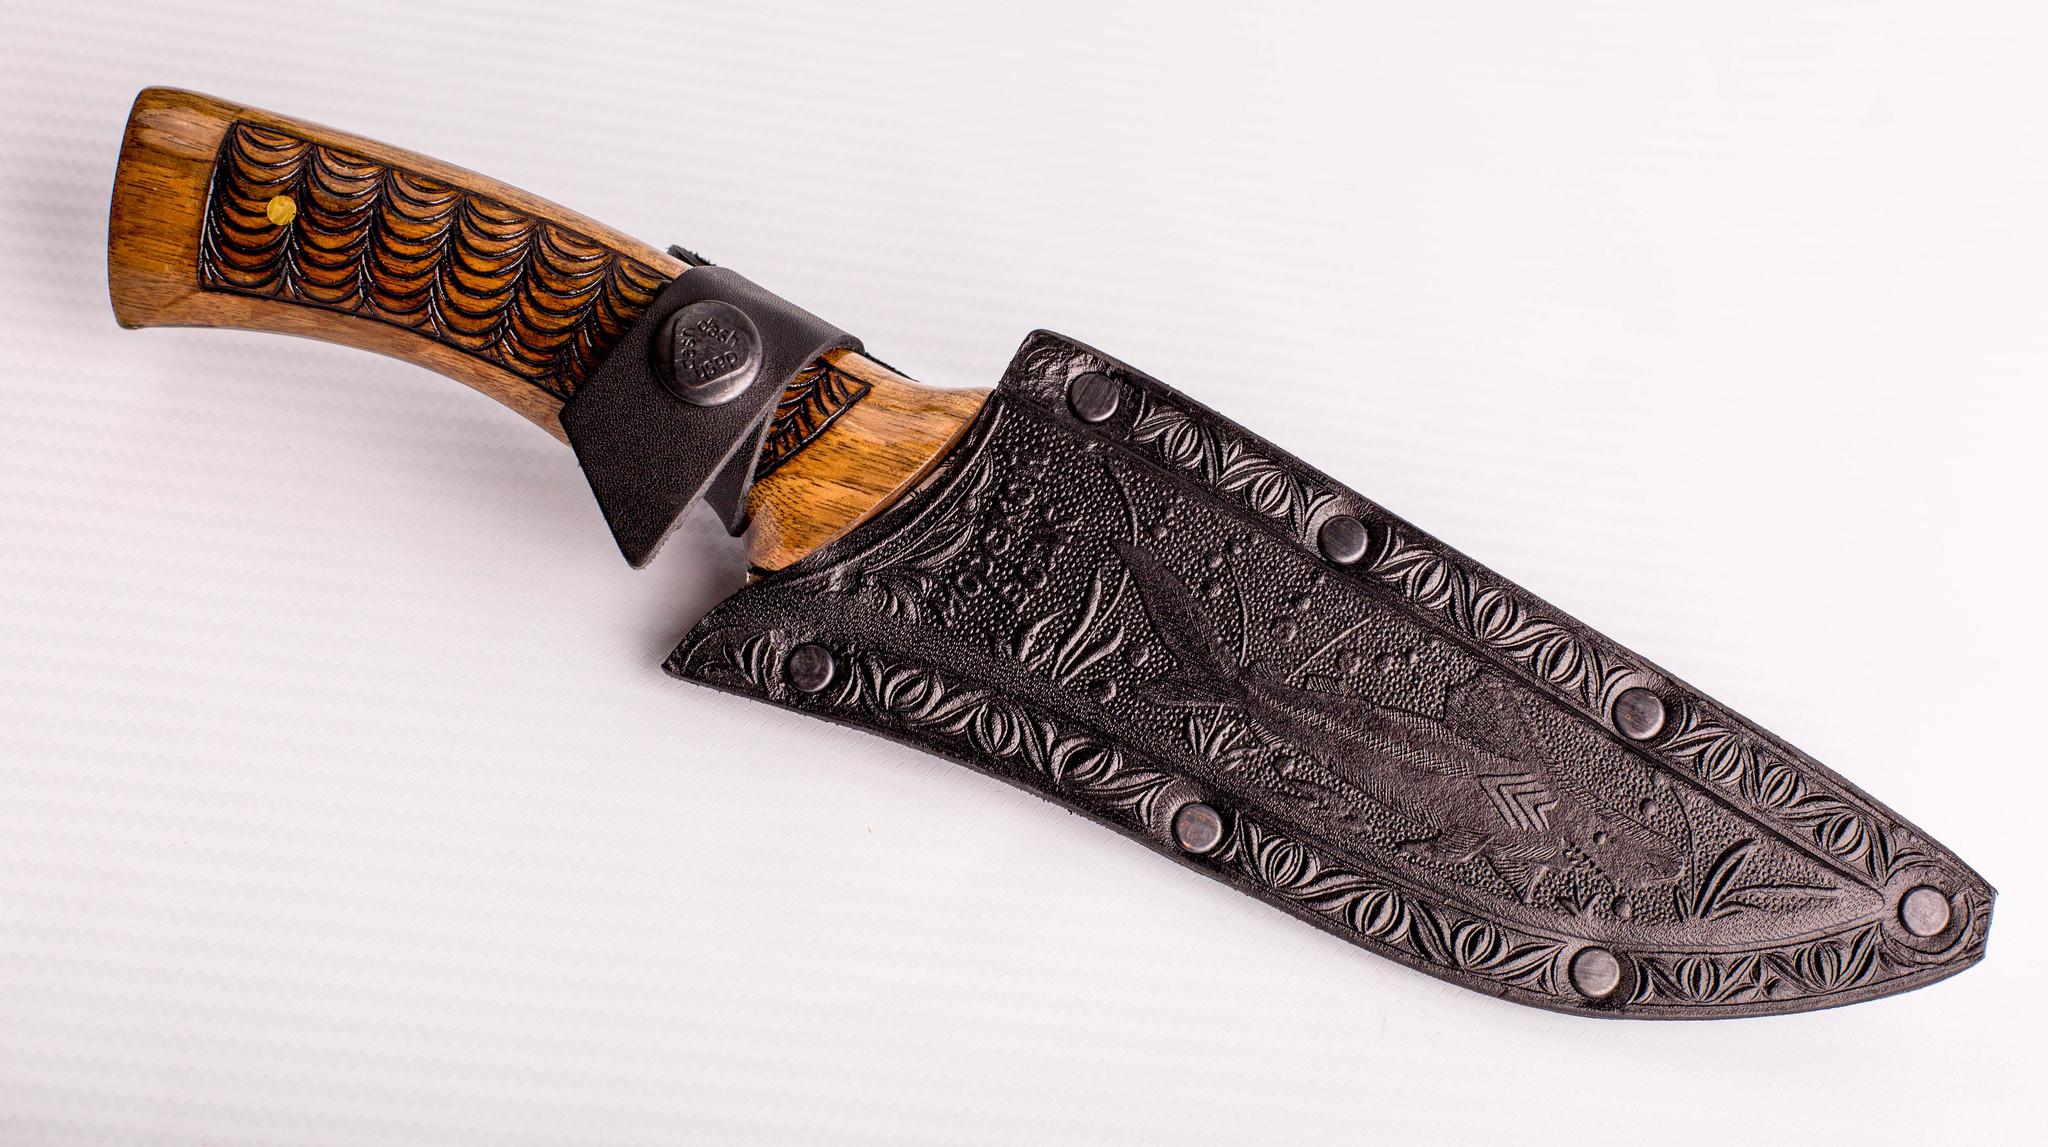 Фото 5 - Нож Морской Волк, резной, Кизляр СТО, сталь 65х13